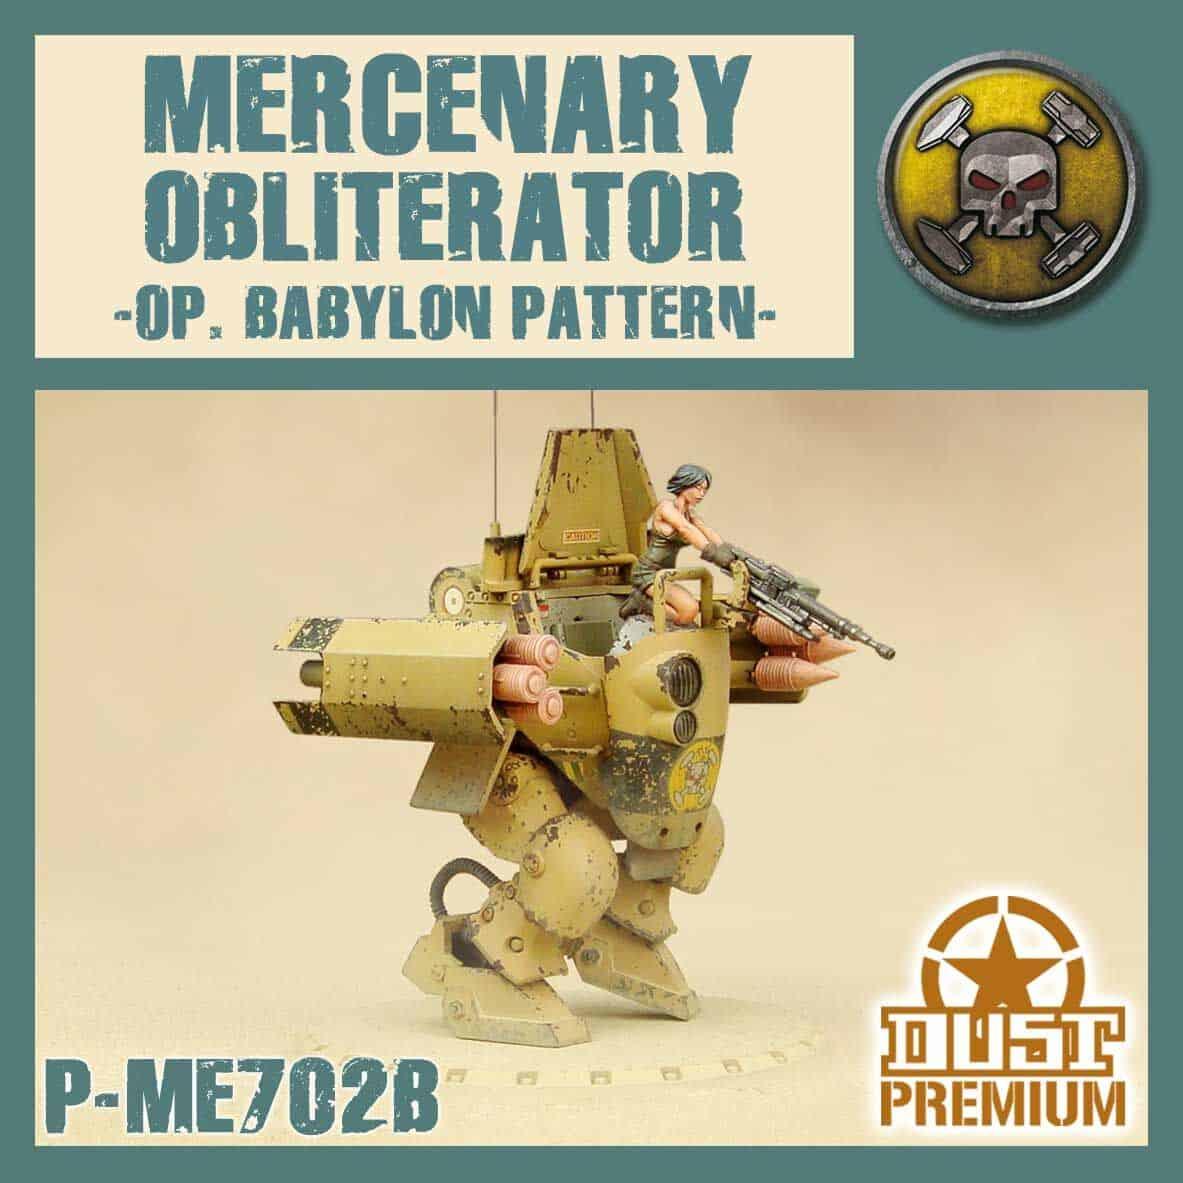 Najemny Obliterator - Premium